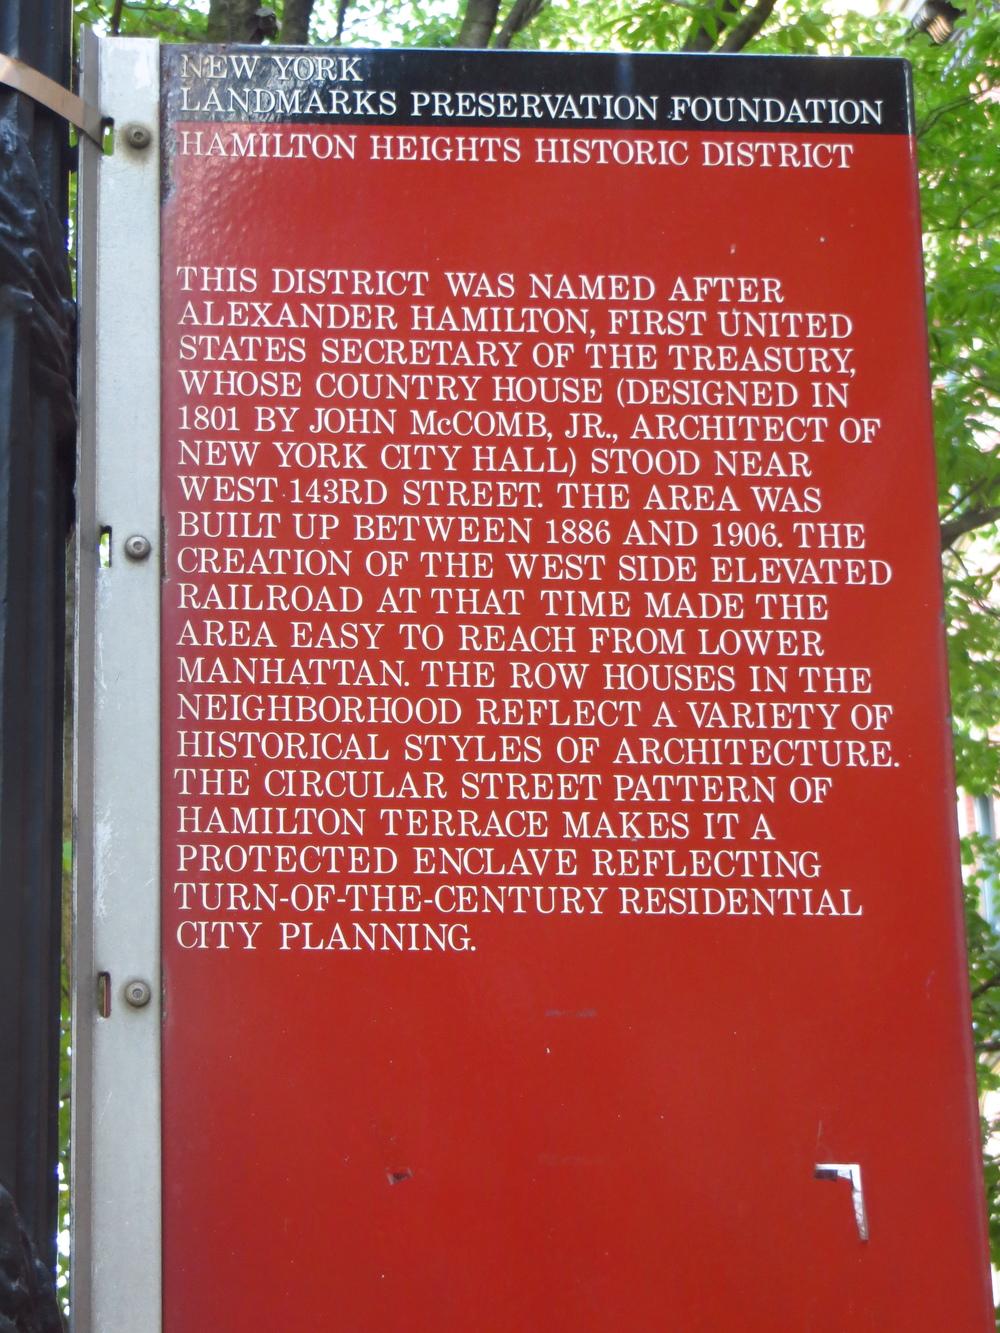 More history of Hamilton Grange